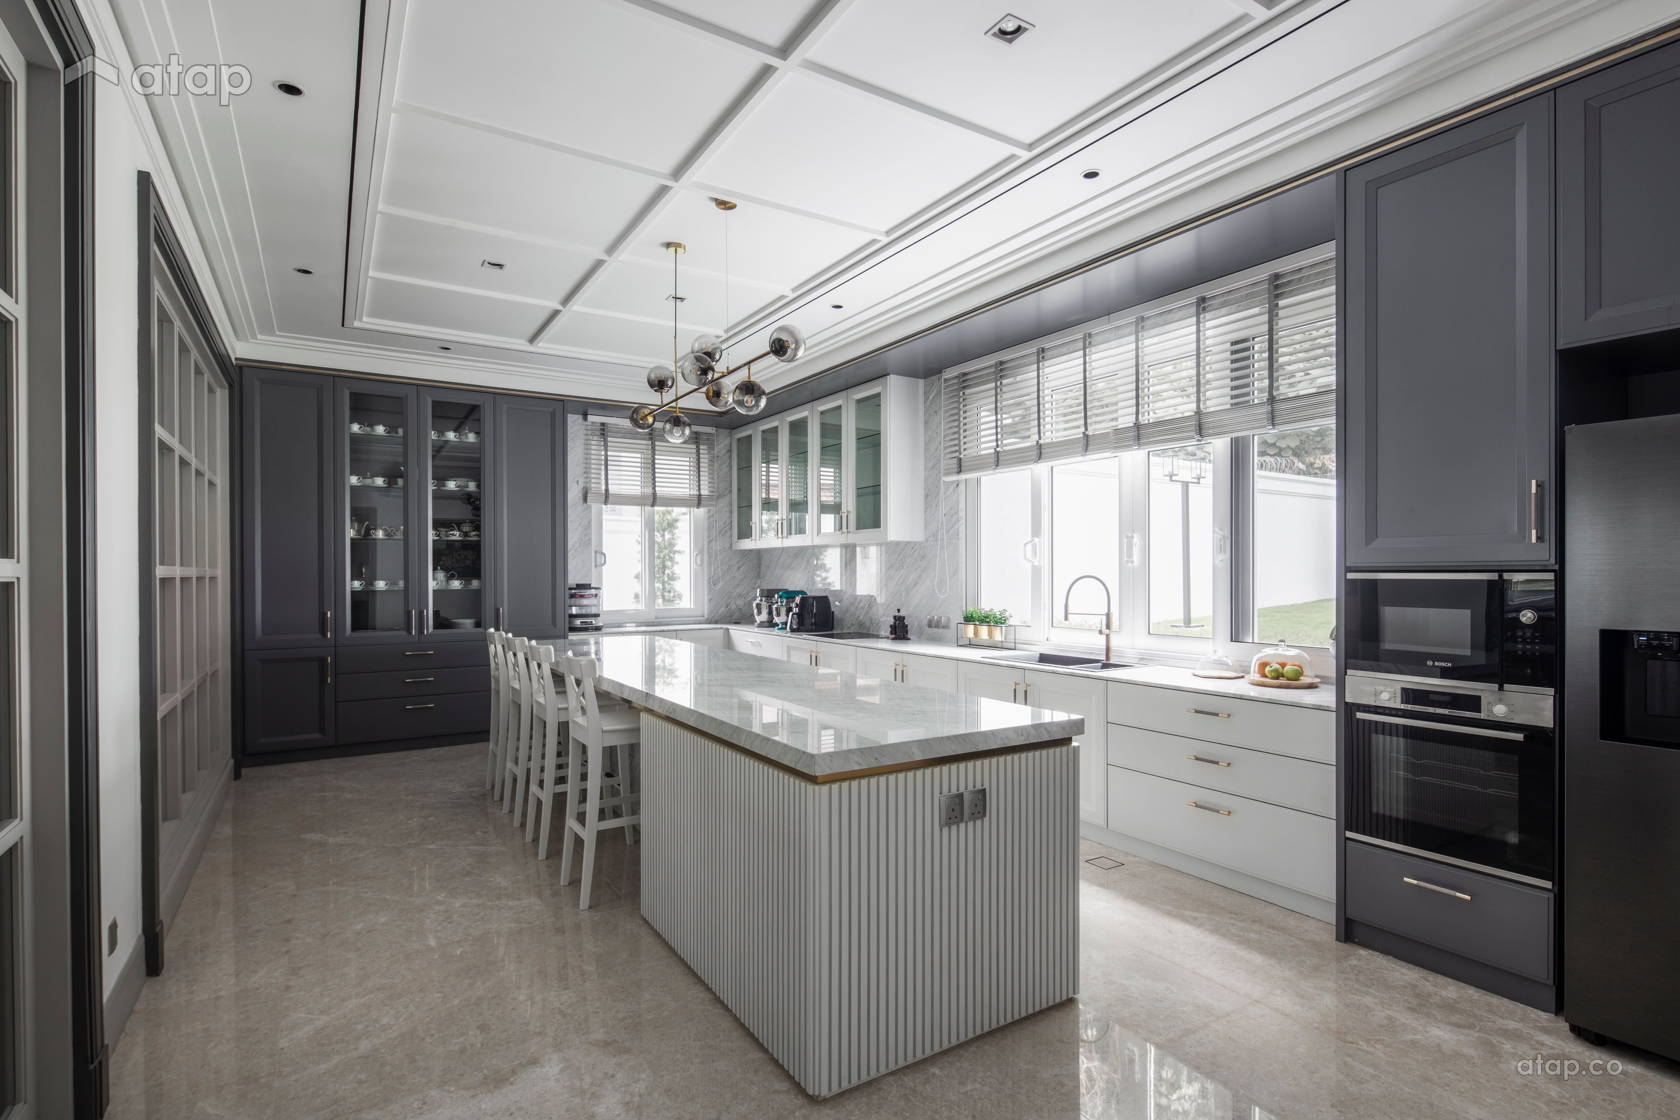 Classic Modern Kitchen Bungalow Design Ideas Photos Malaysia Atap Co